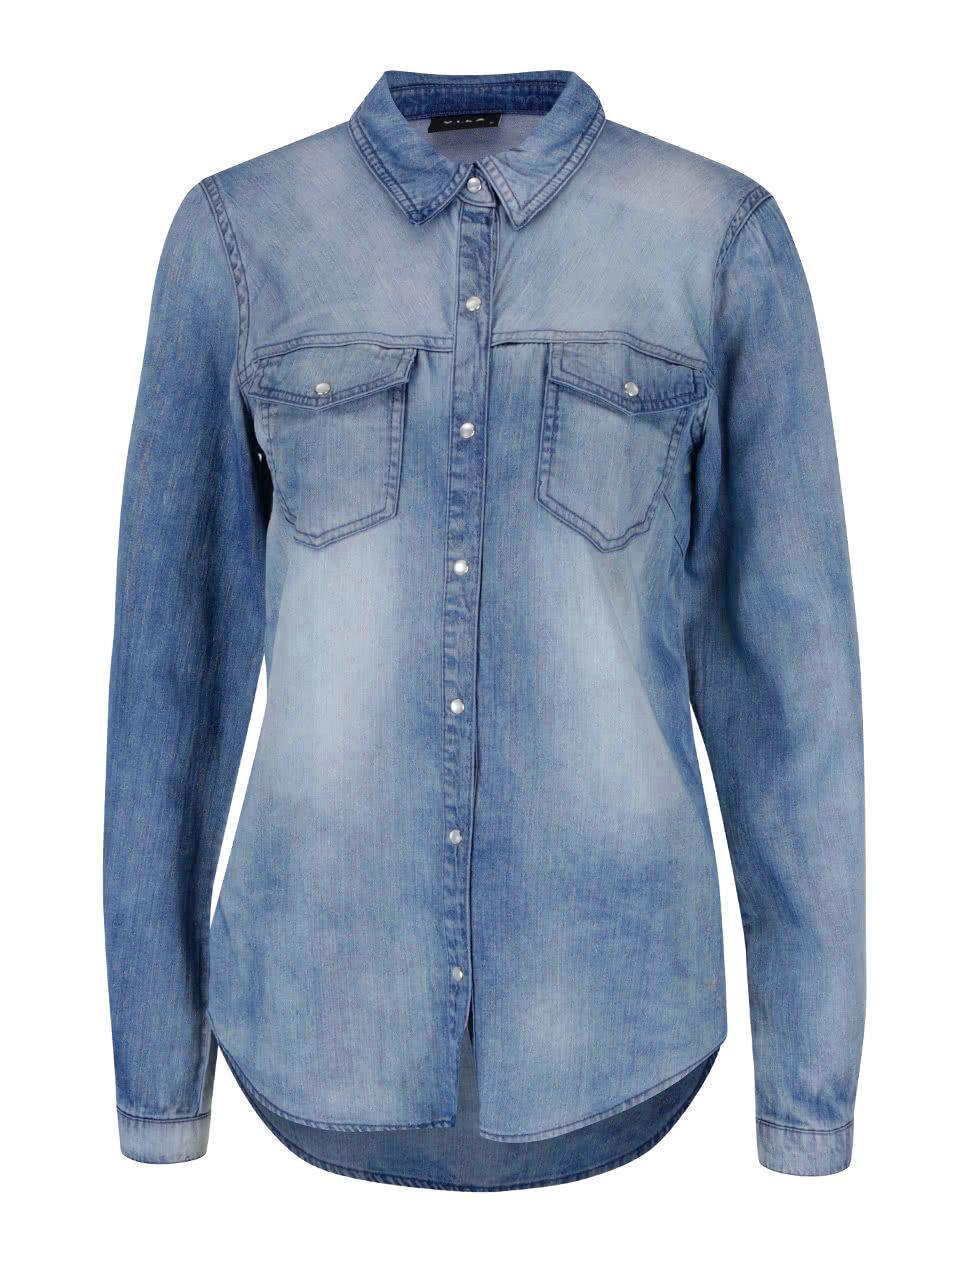 5cdad4e3327 Modrá džínová košile s dlouhým rukávem VILA Bista ...